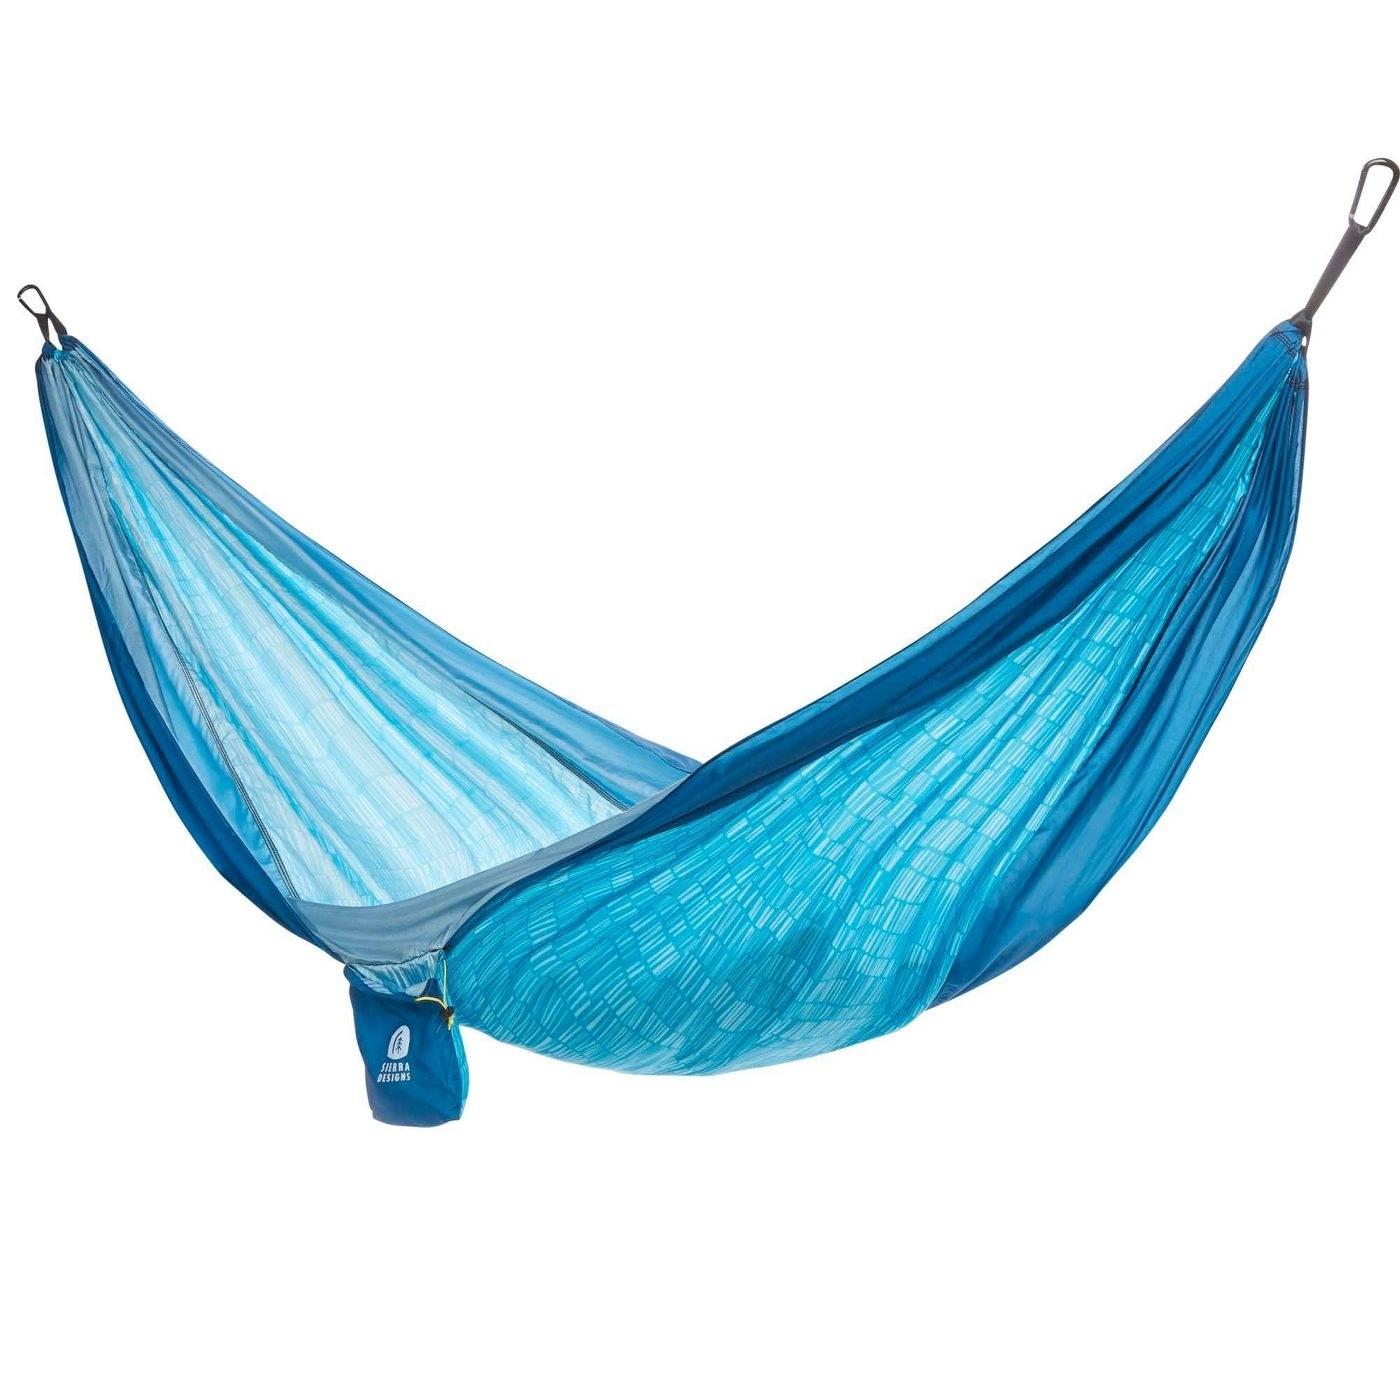 A light blue hammock